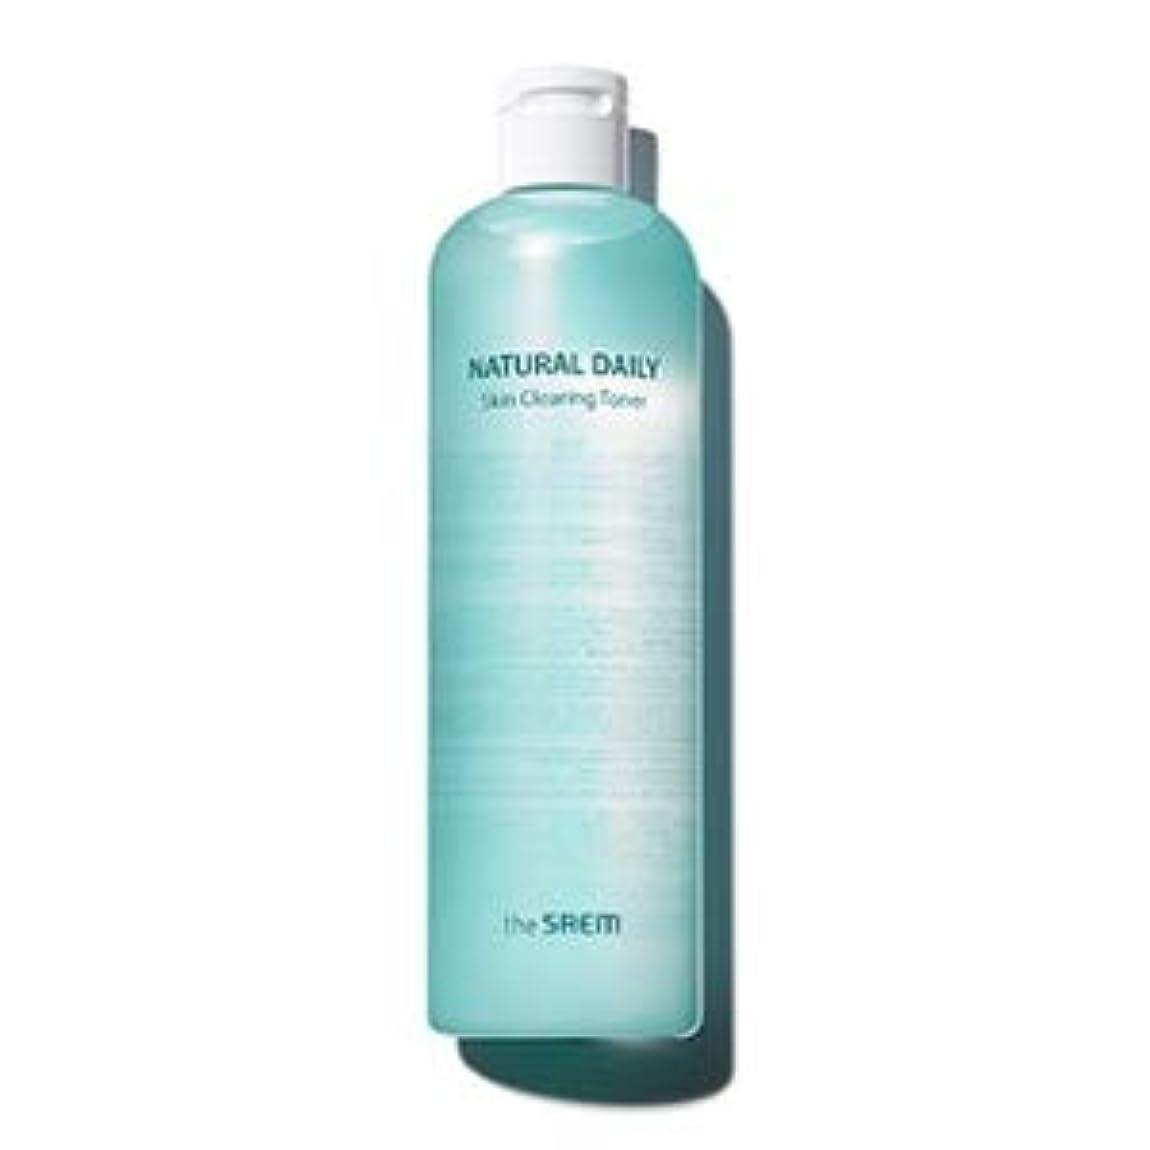 ペンス掘る条件付きザセム ナチュラルデイリースキンクリアリングトナー500ml / The Saem Natural Daily Skin Clearing Toner 500ml [並行輸入品]